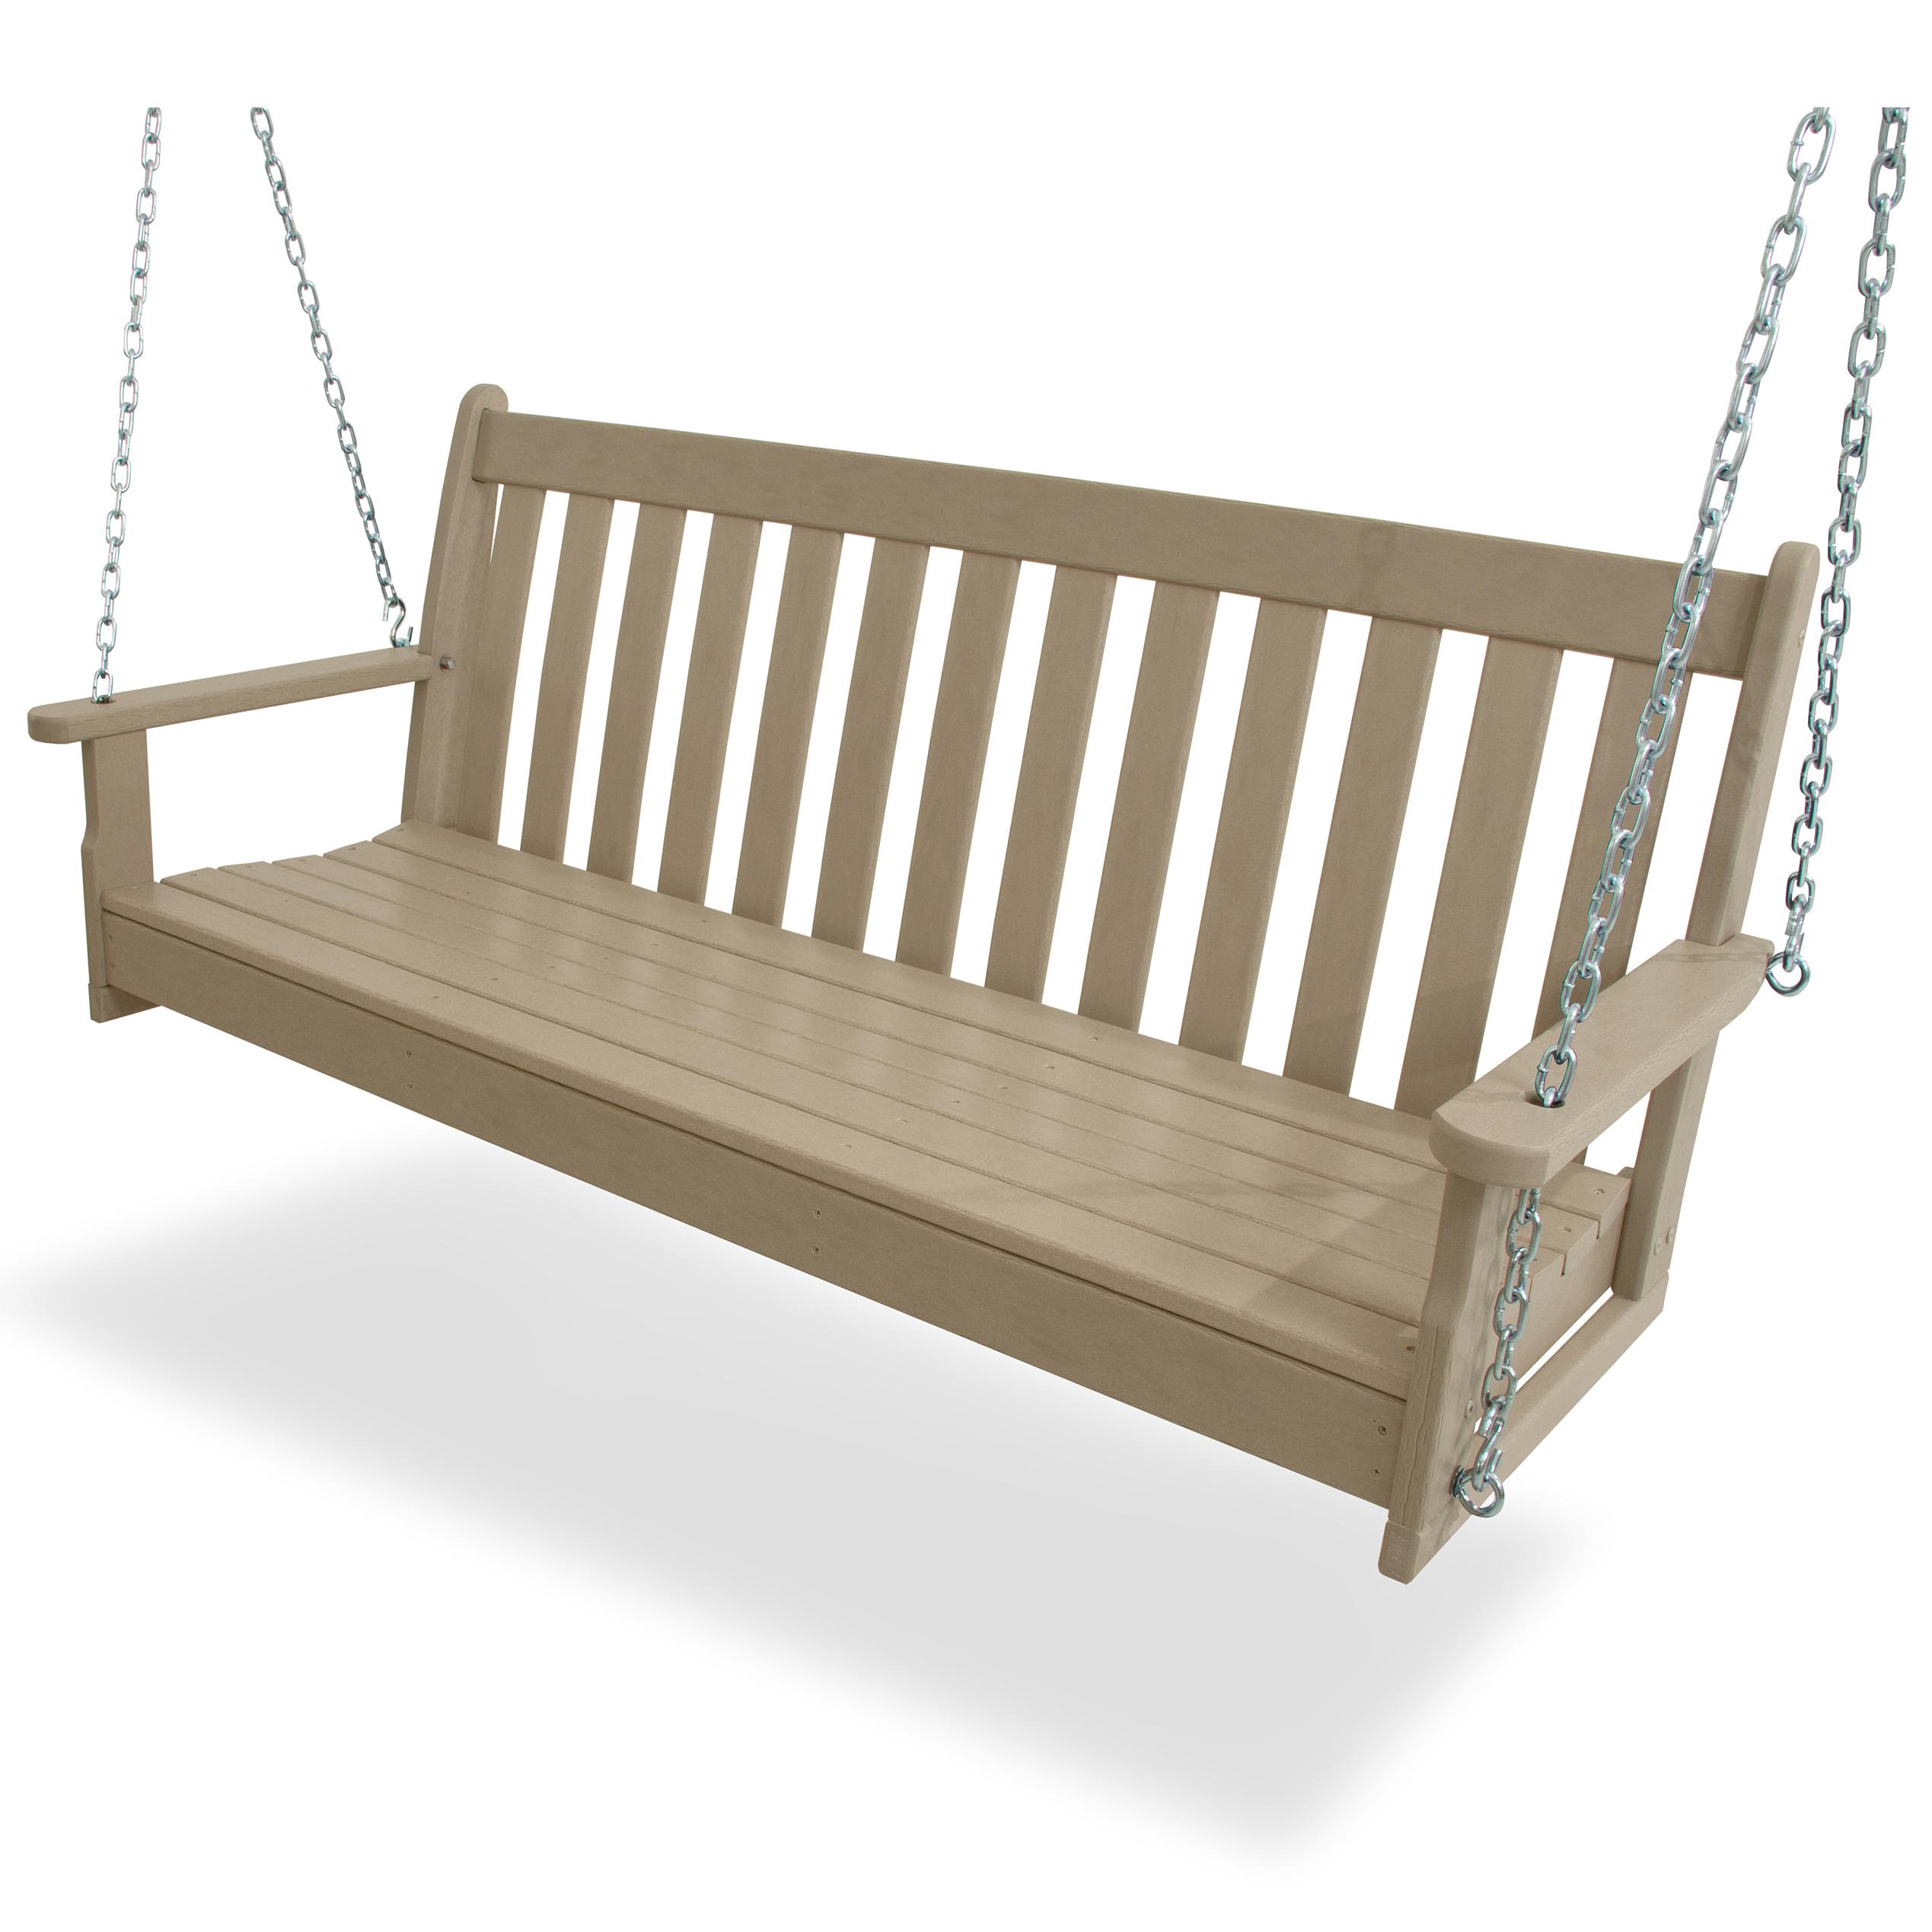 60 inch Swing